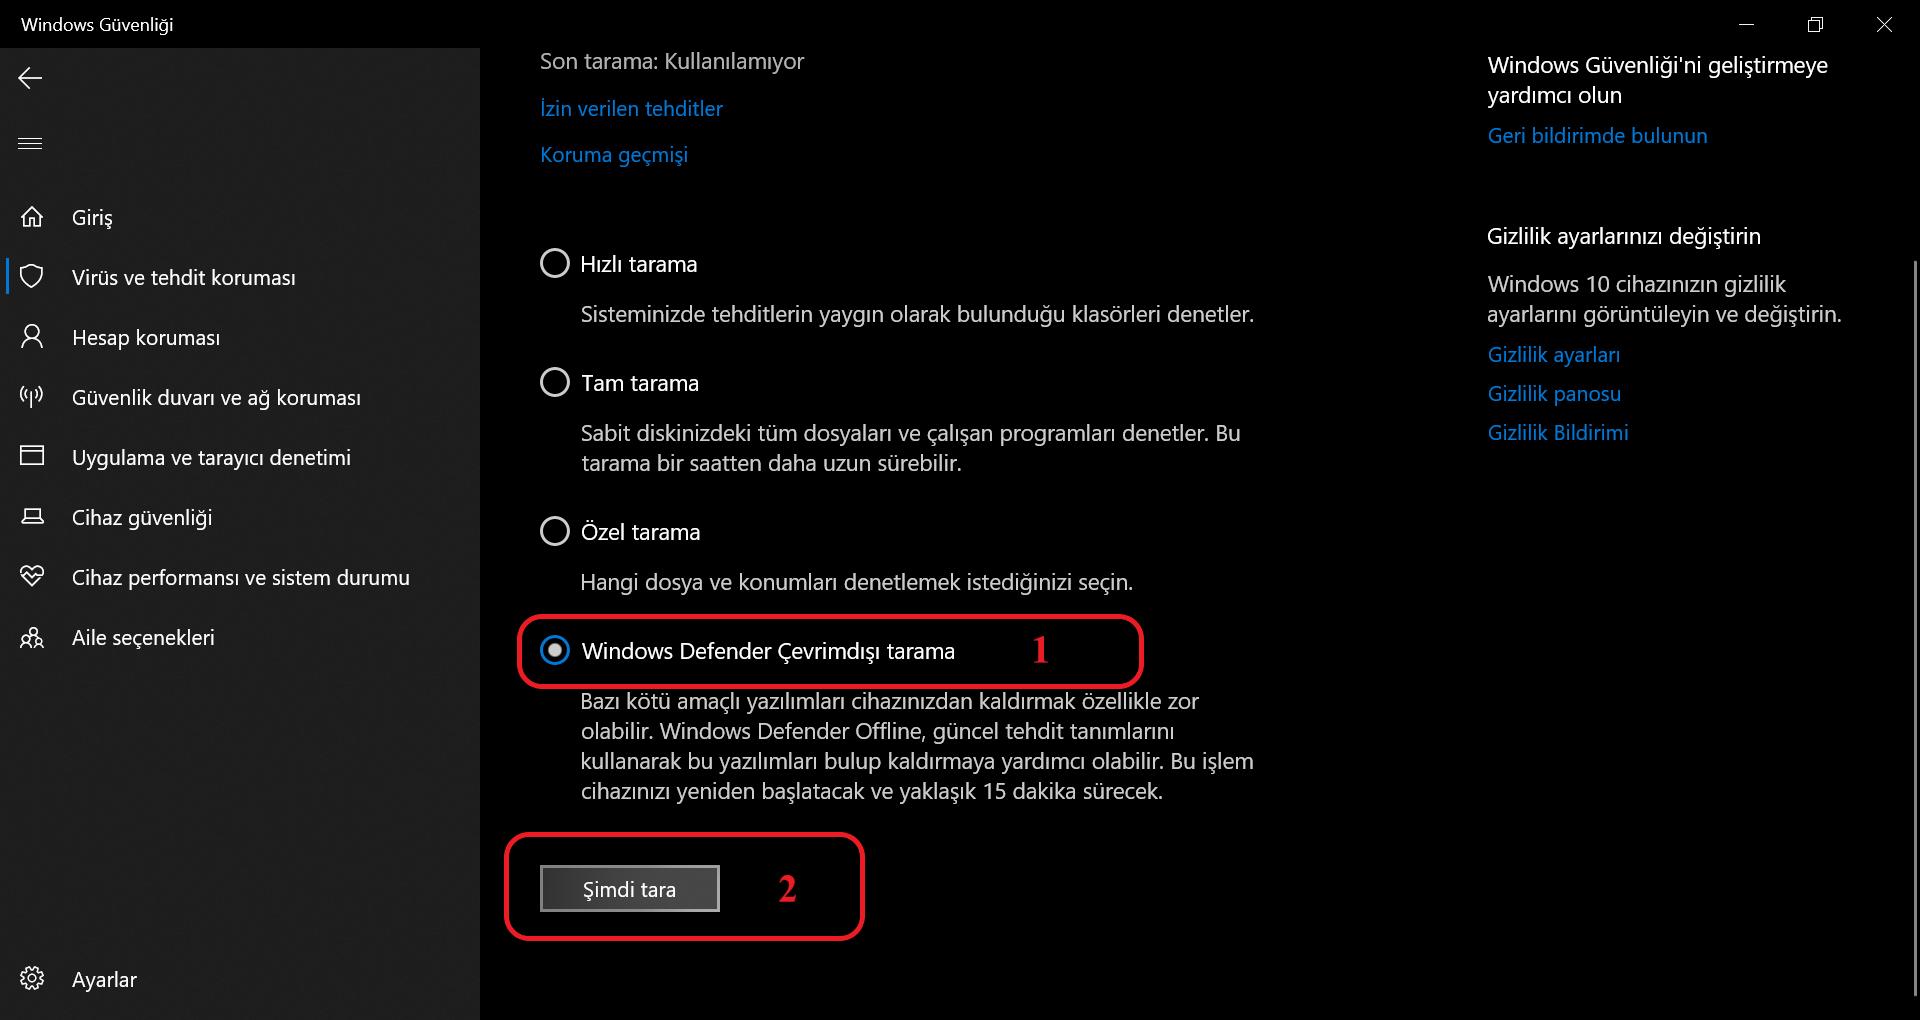 Windows defender çevrim dışı tarama seçimi ekran görüntüsü